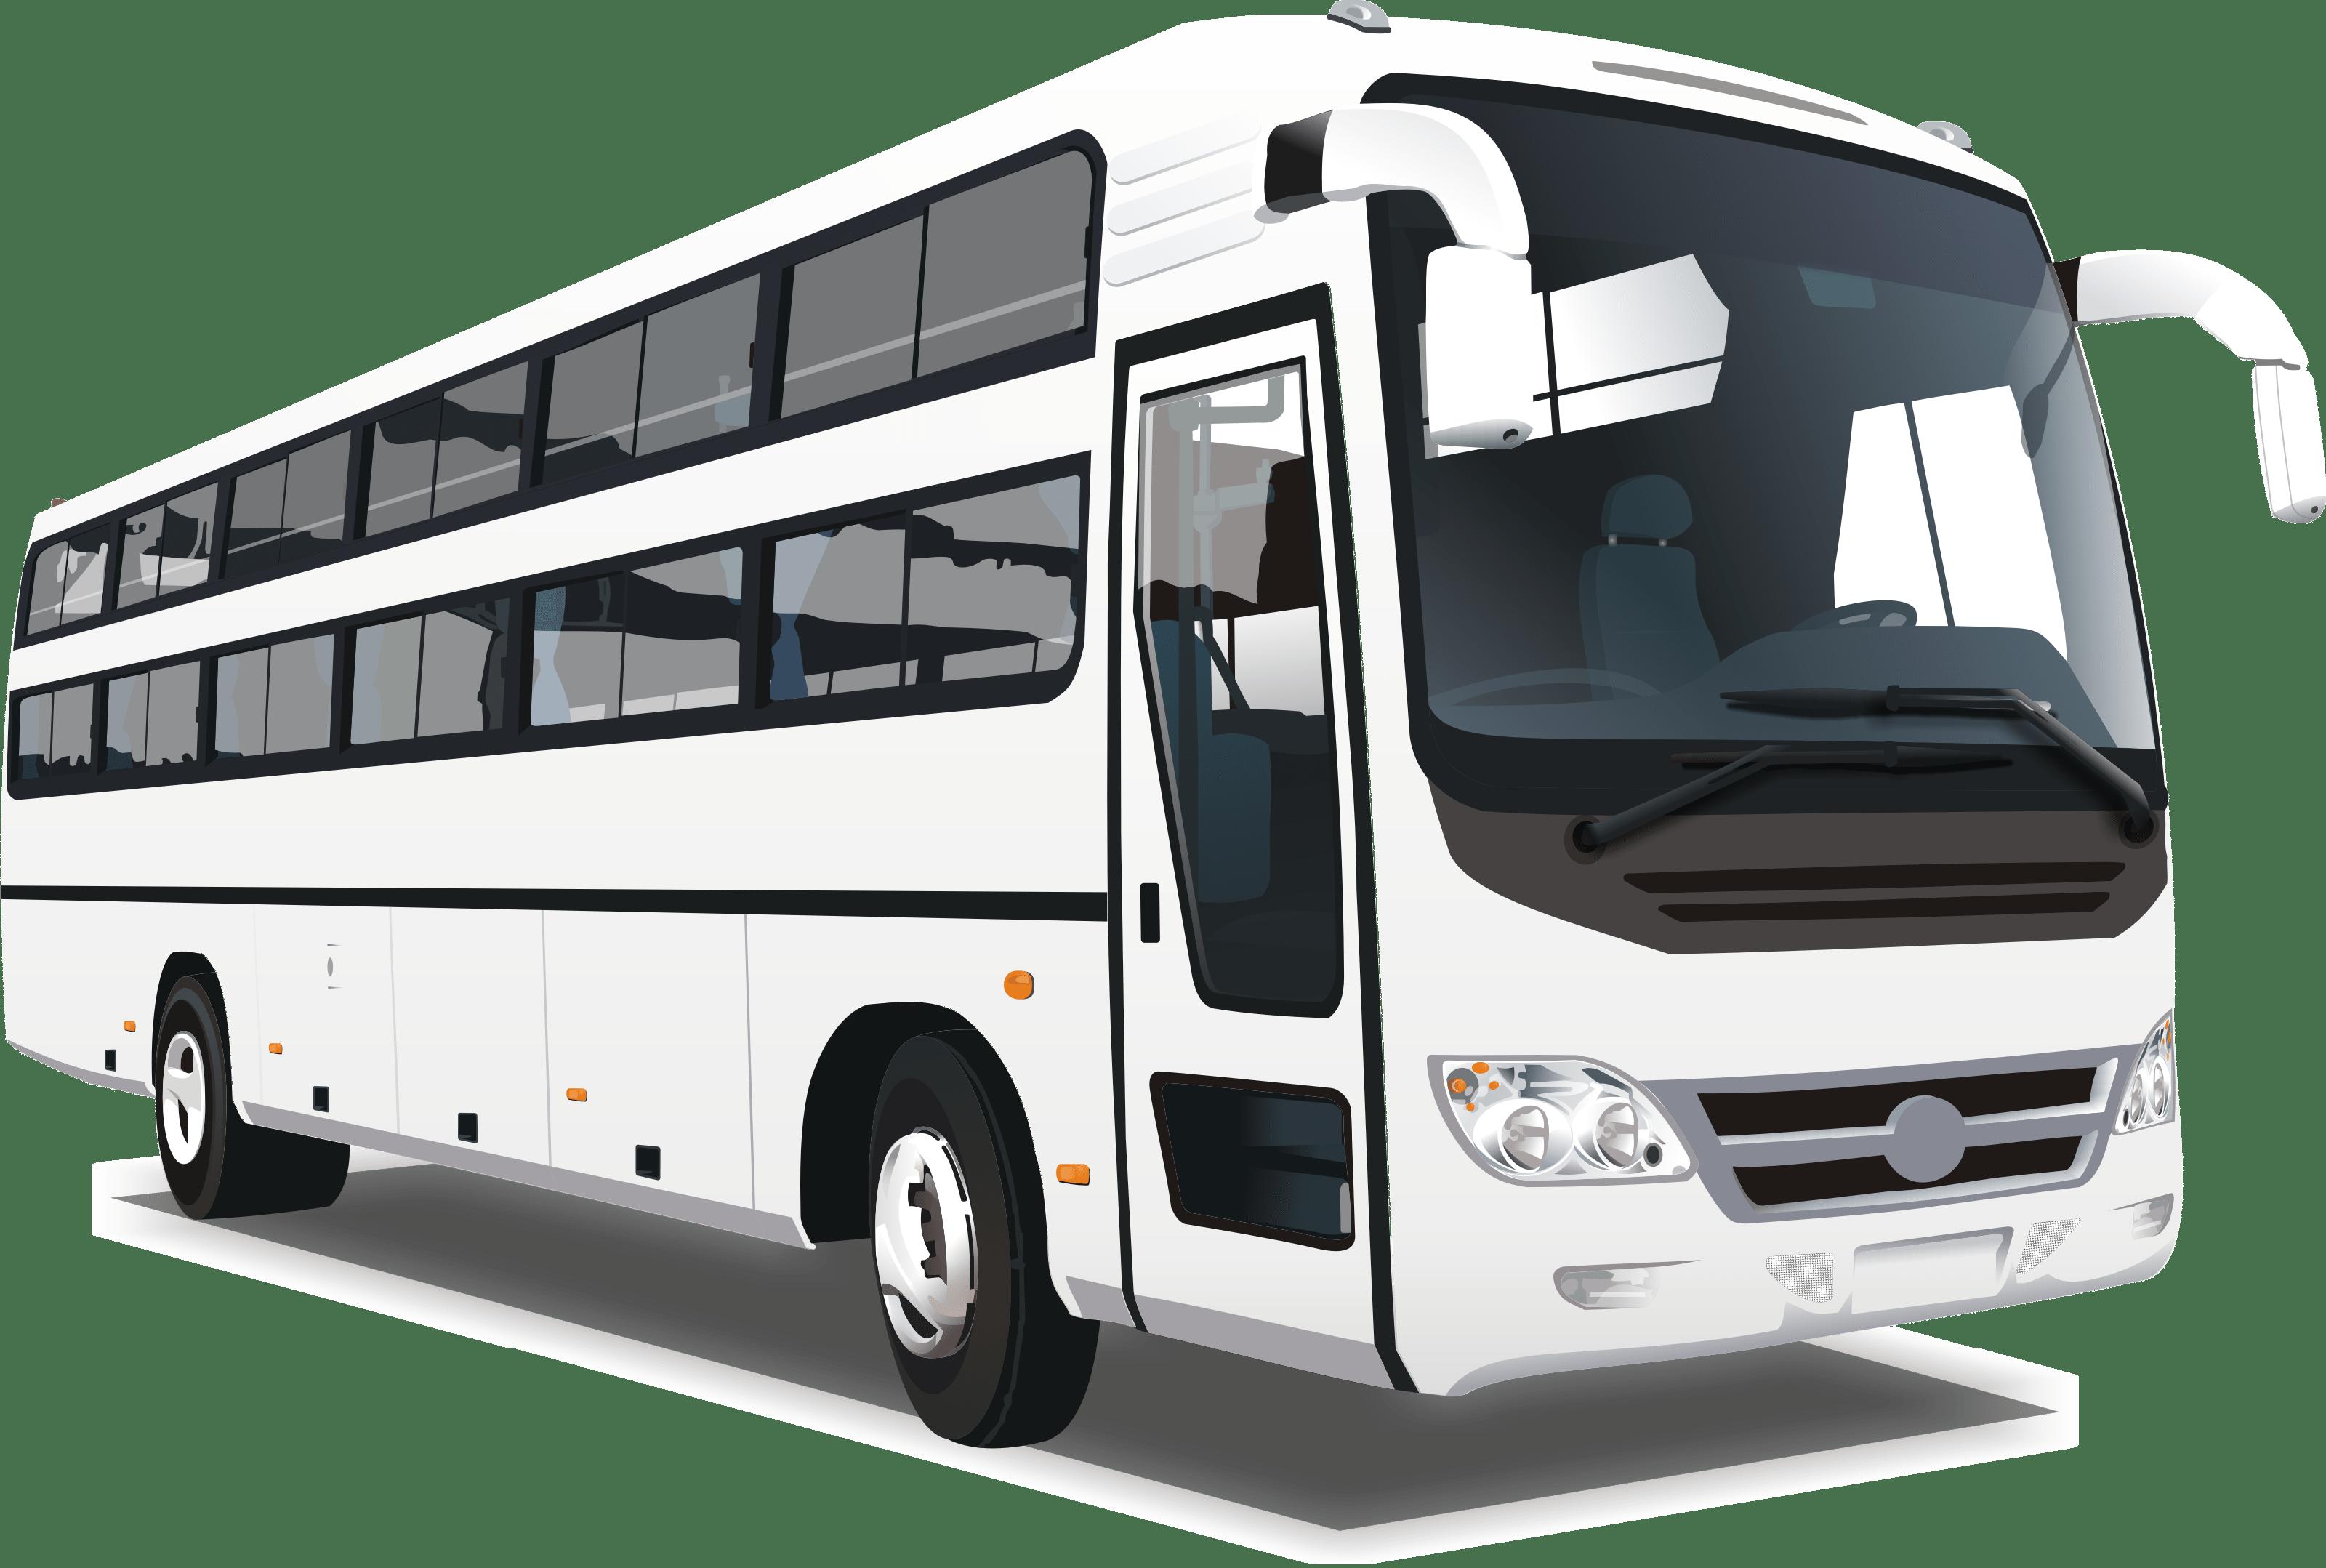 Bus 3 Parikrama Travels